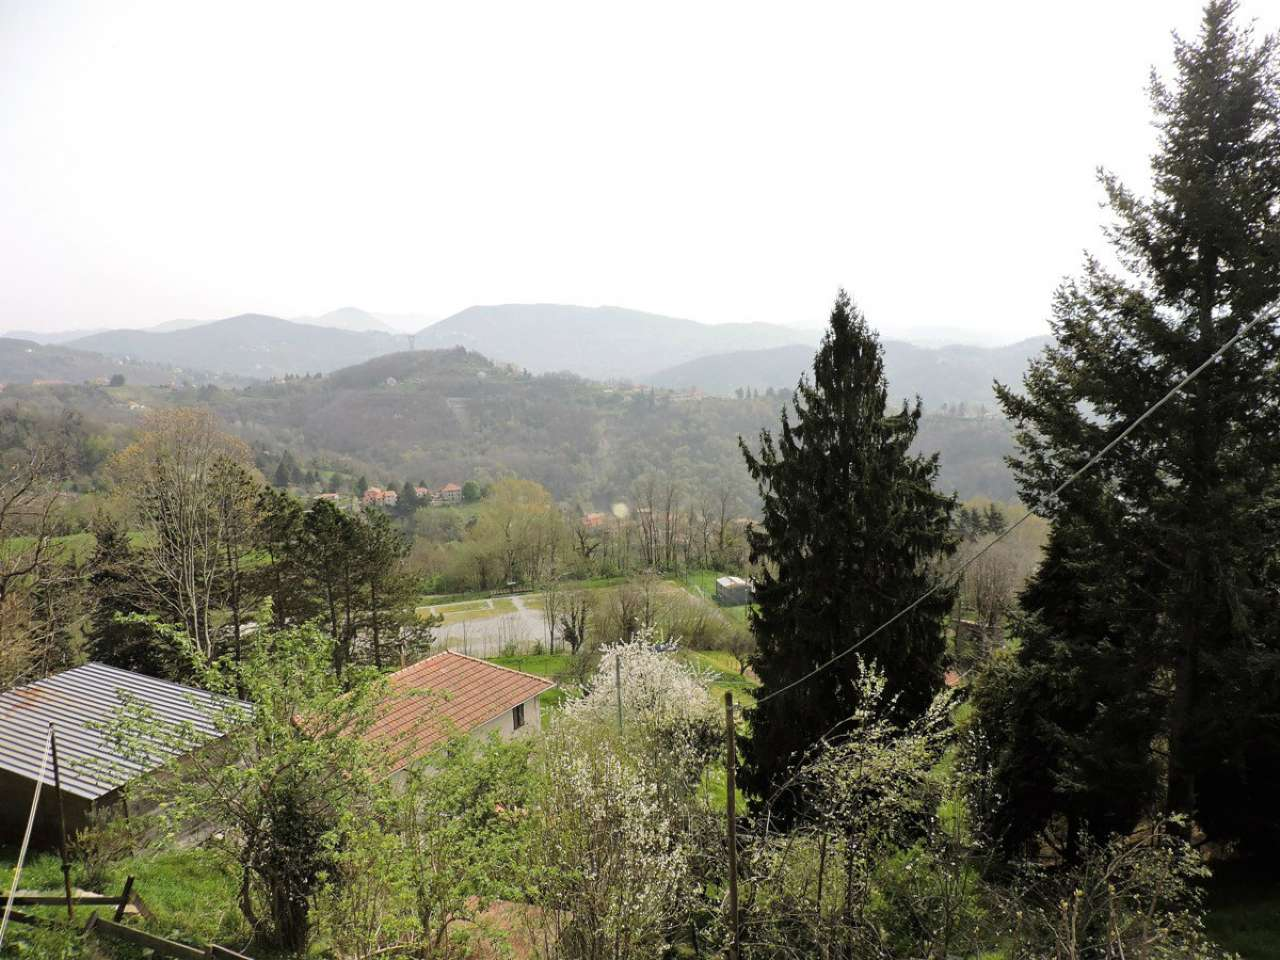 Soluzione Indipendente in vendita a Mignanego, 2 locali, prezzo € 65.000 | Cambio Casa.it